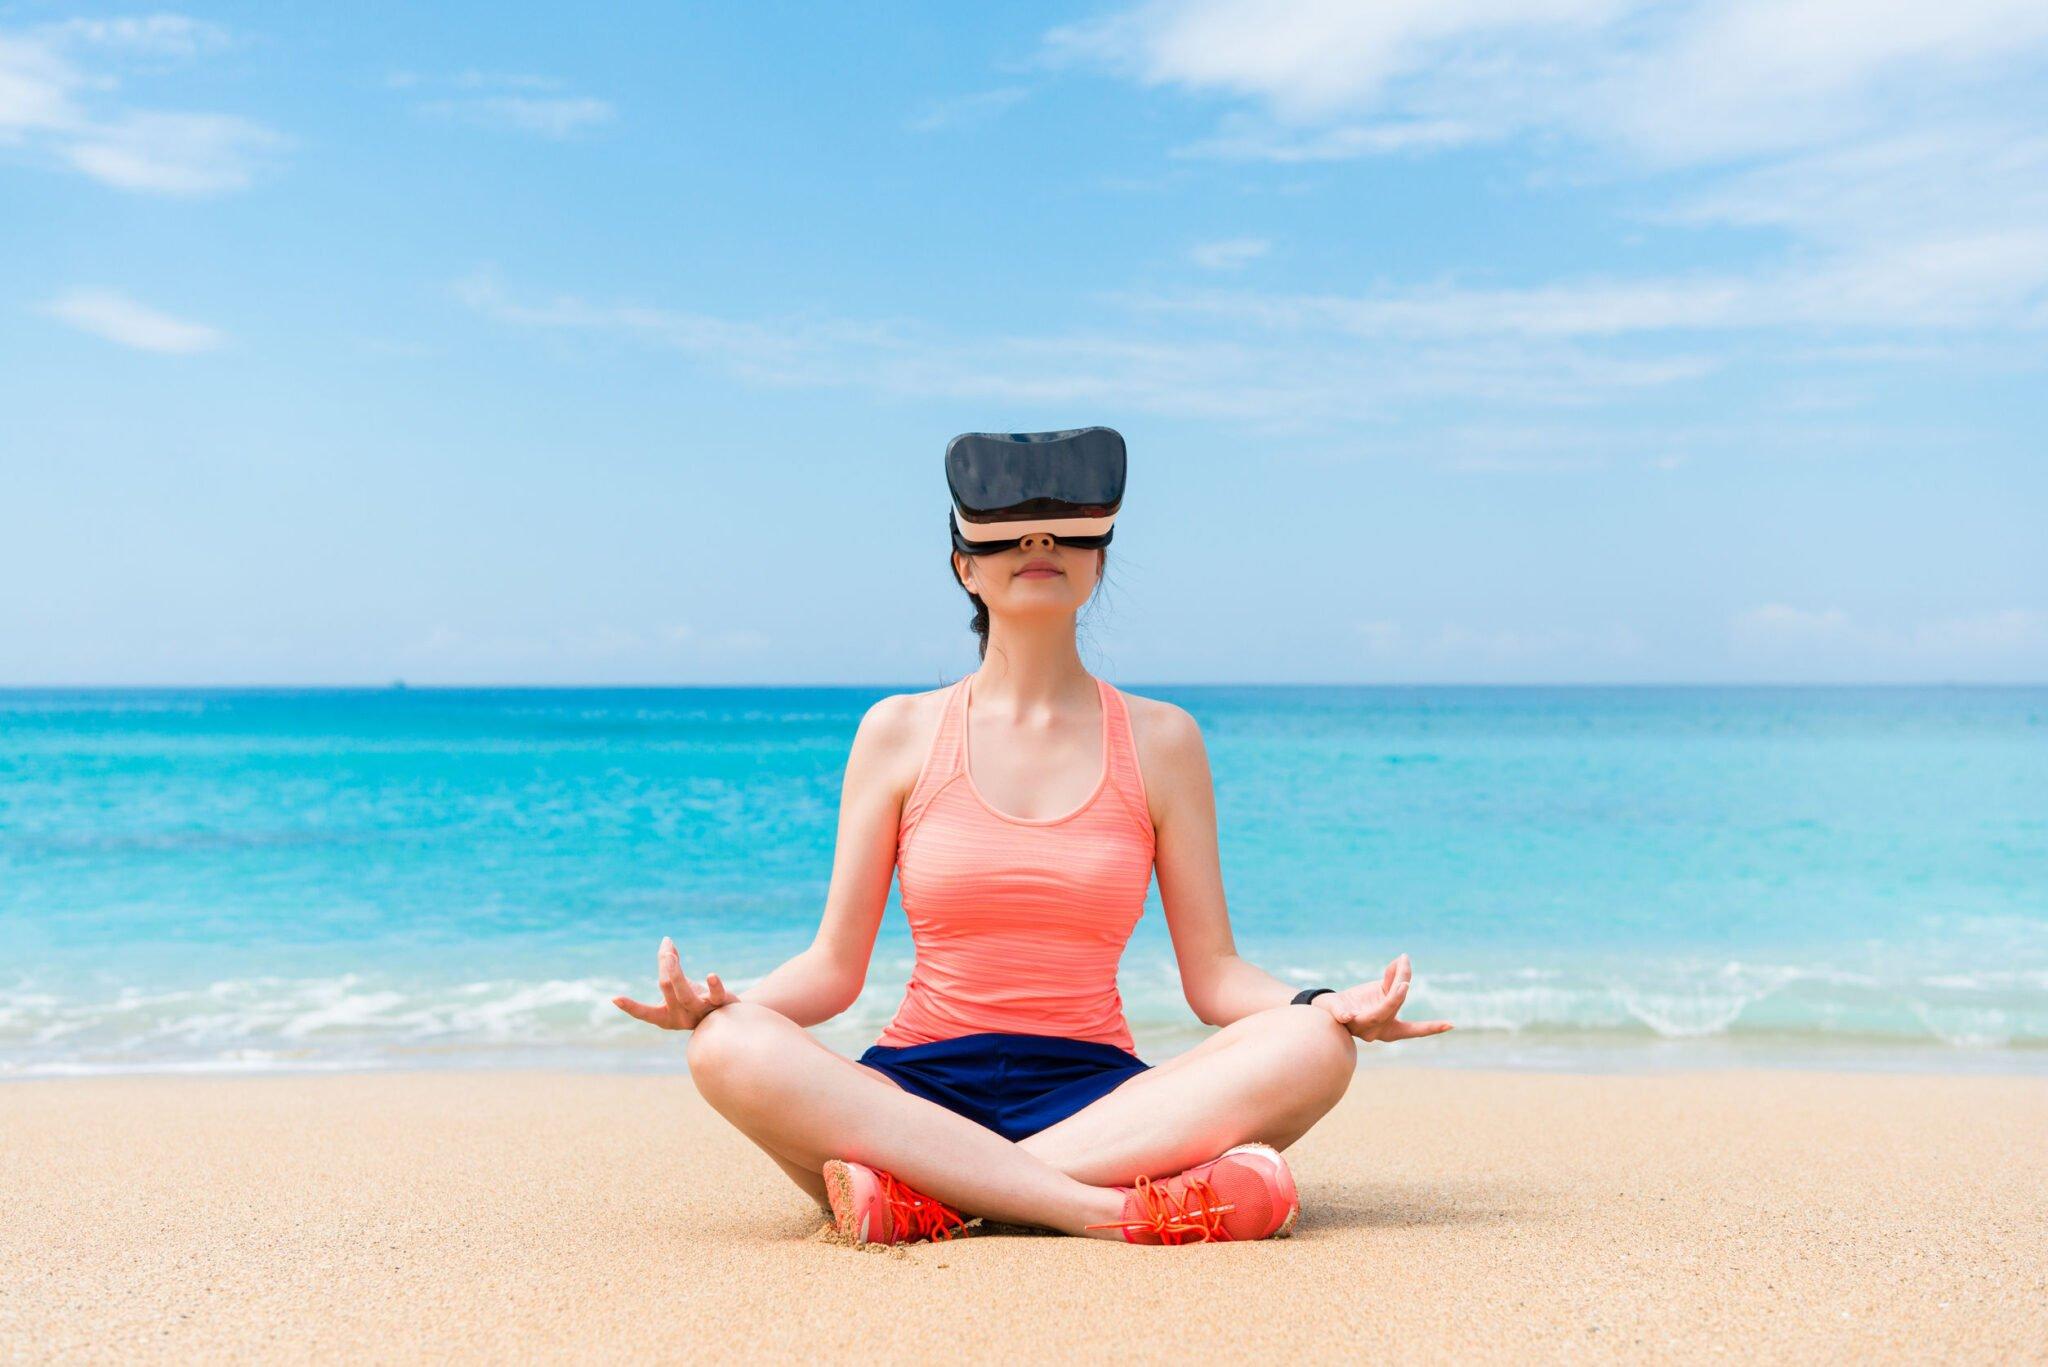 Bevallen met een VR-bril op (in iedere gewenste locatie?) - Mamaliefde.nl